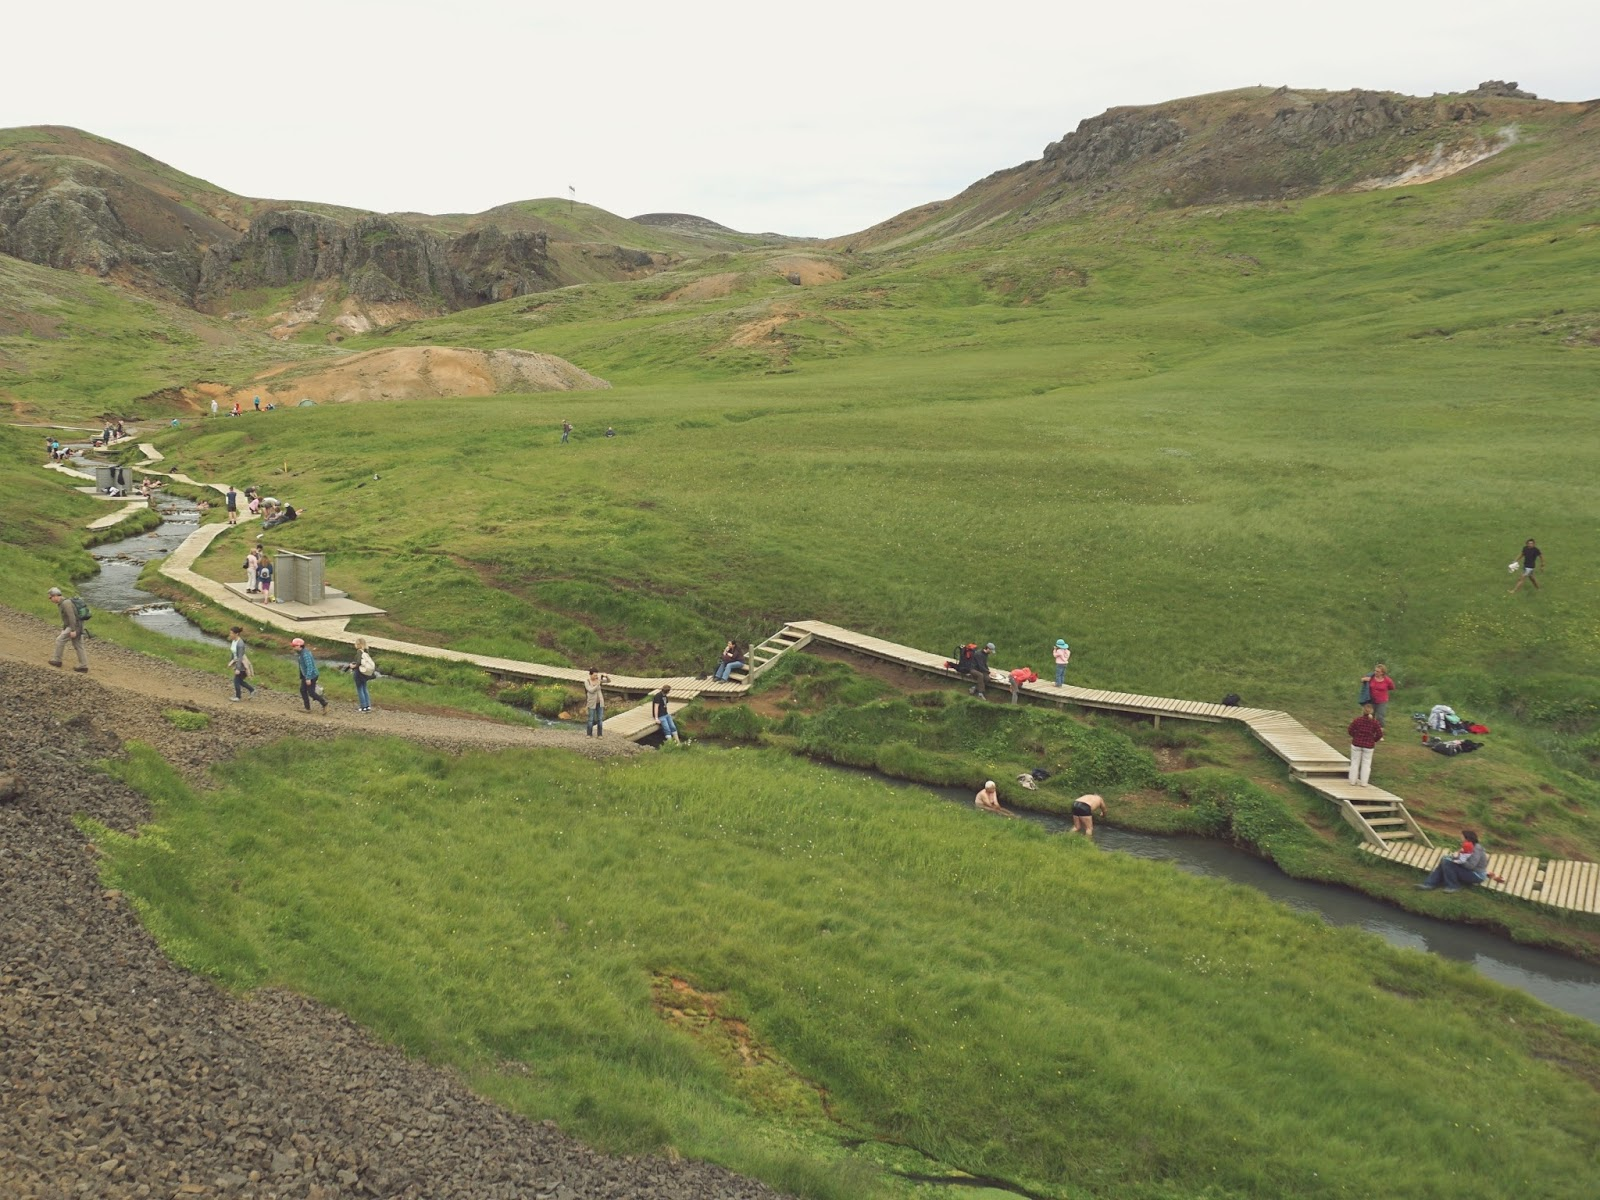 gorąca rzeka, rzeka, Reykjadalur, Hveragerdi, Islandia, południowa Islandia, góry, szlak pieszy, szlak górski